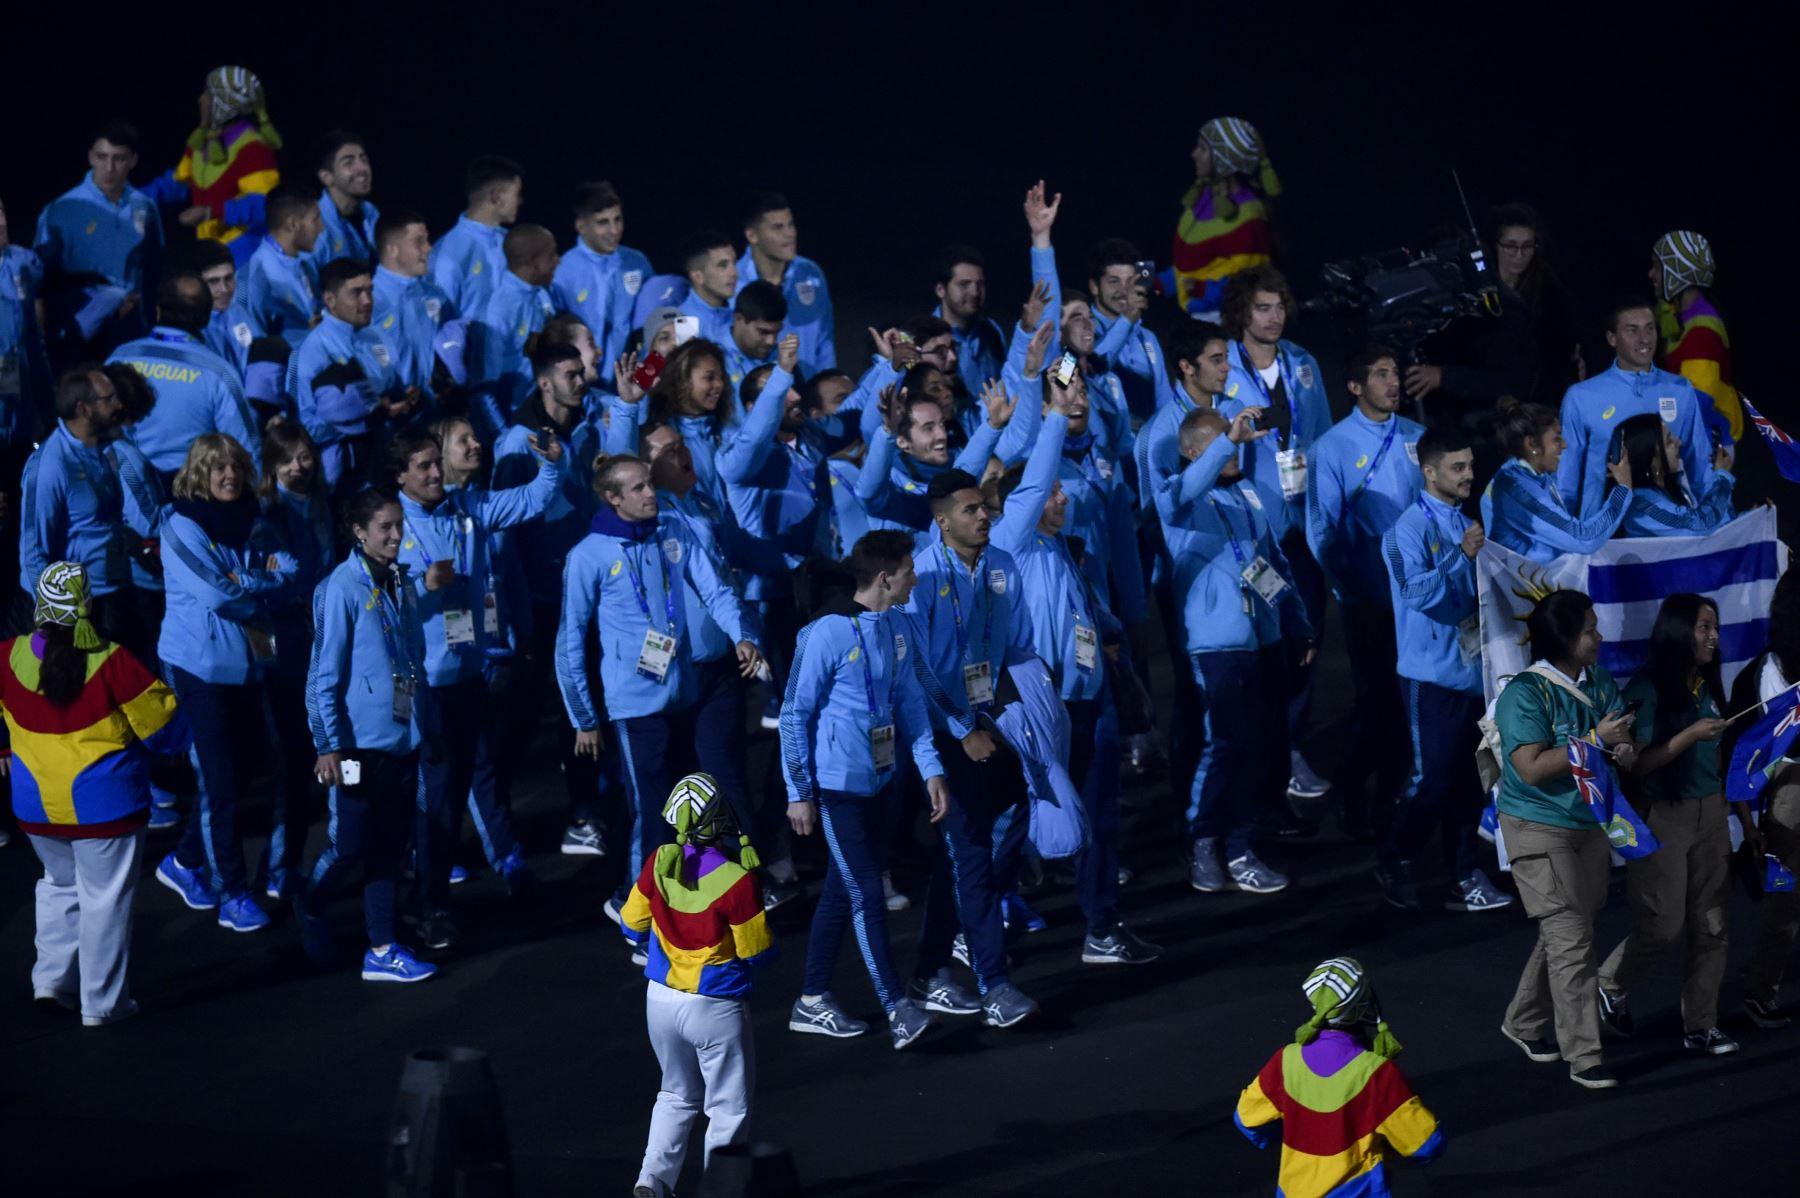 La delegación de Uruguay participa en el Desfile de las Naciones durante la ceremonia de clausura de los Juegos Panamericanos de Lima 2019 en Lima el 11 de agosto de 2019.AFP